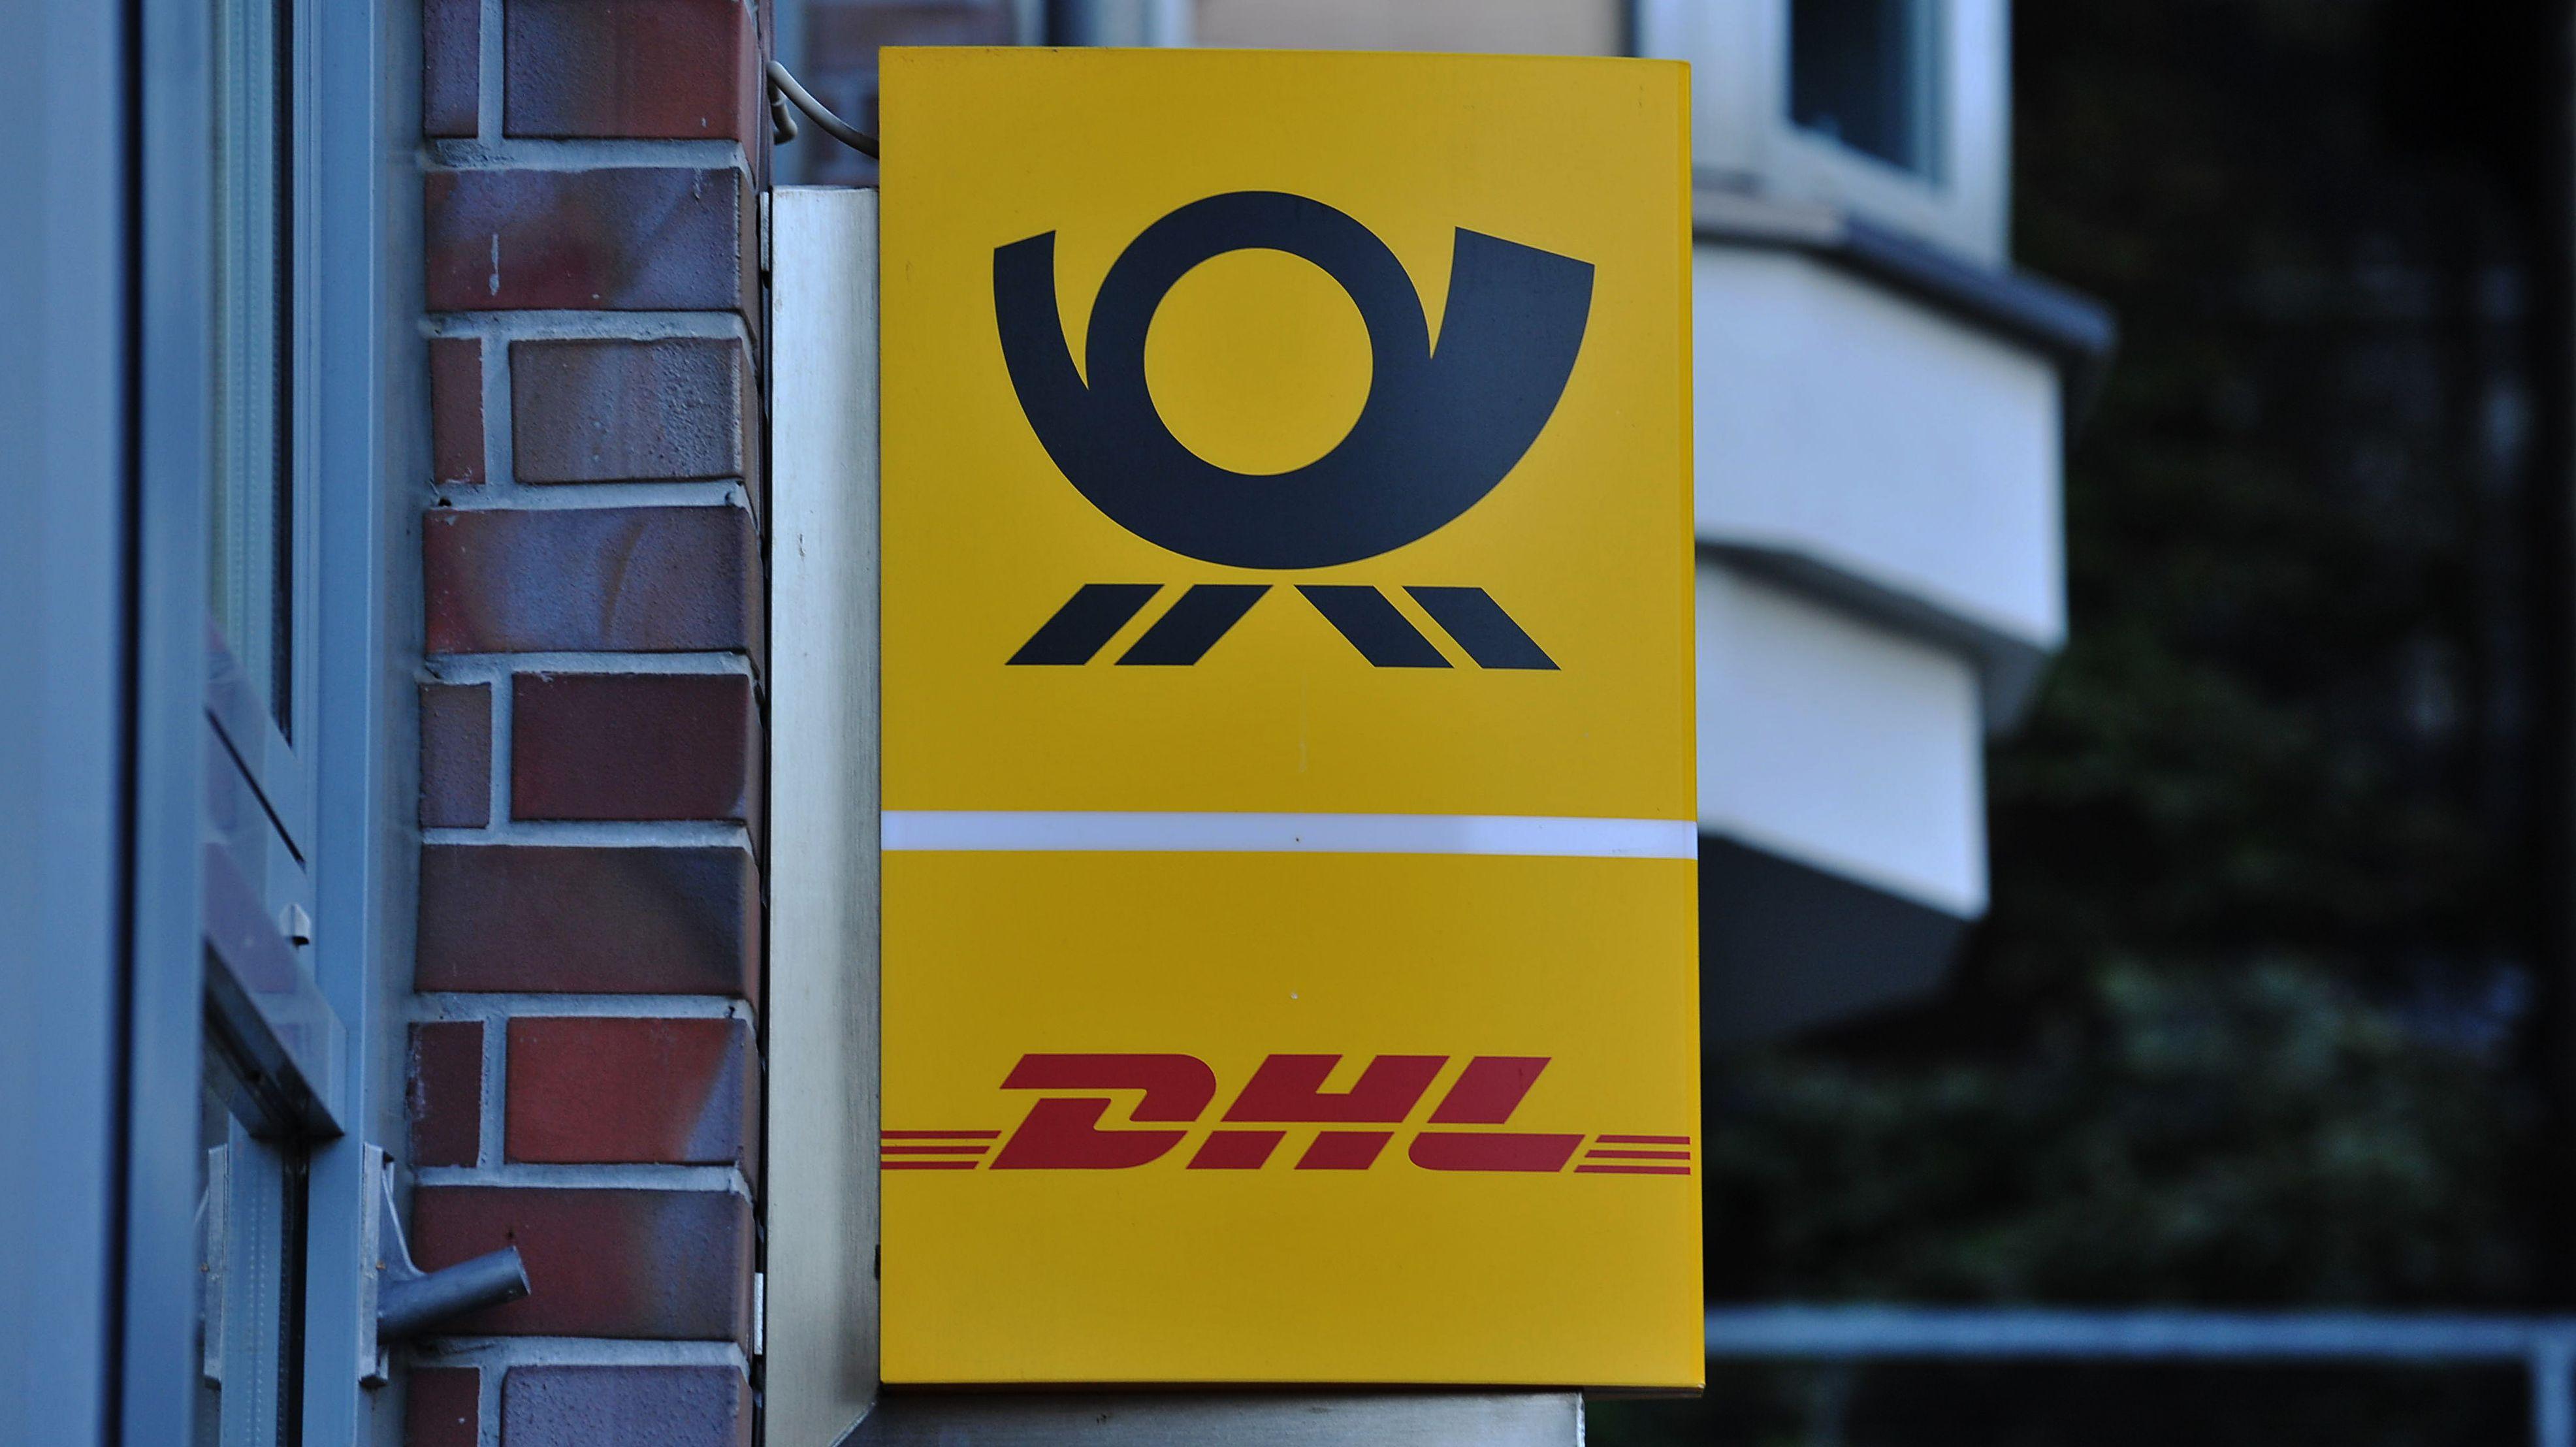 Firmenschild der Post hängt an der Fassade eines Hauses.